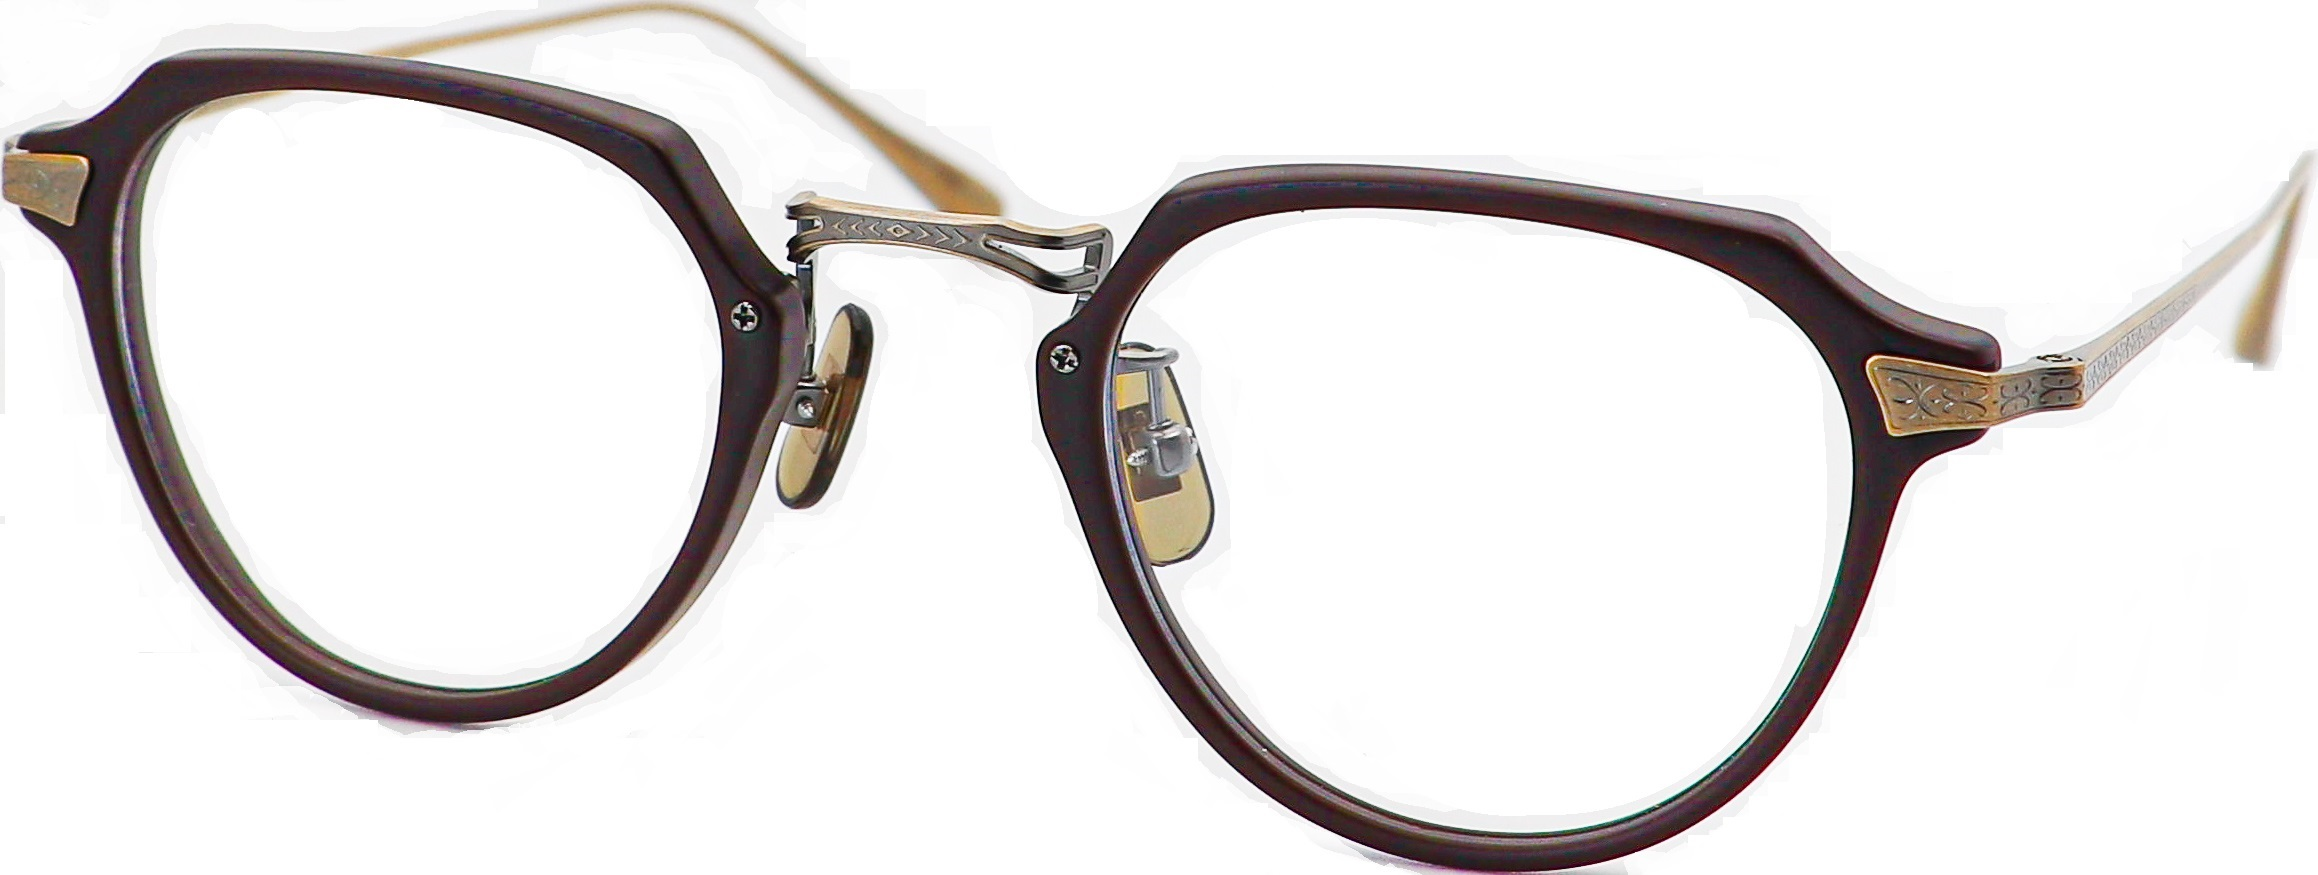 眼鏡のカラータイプC-6 Brown-Matt/At-Gold